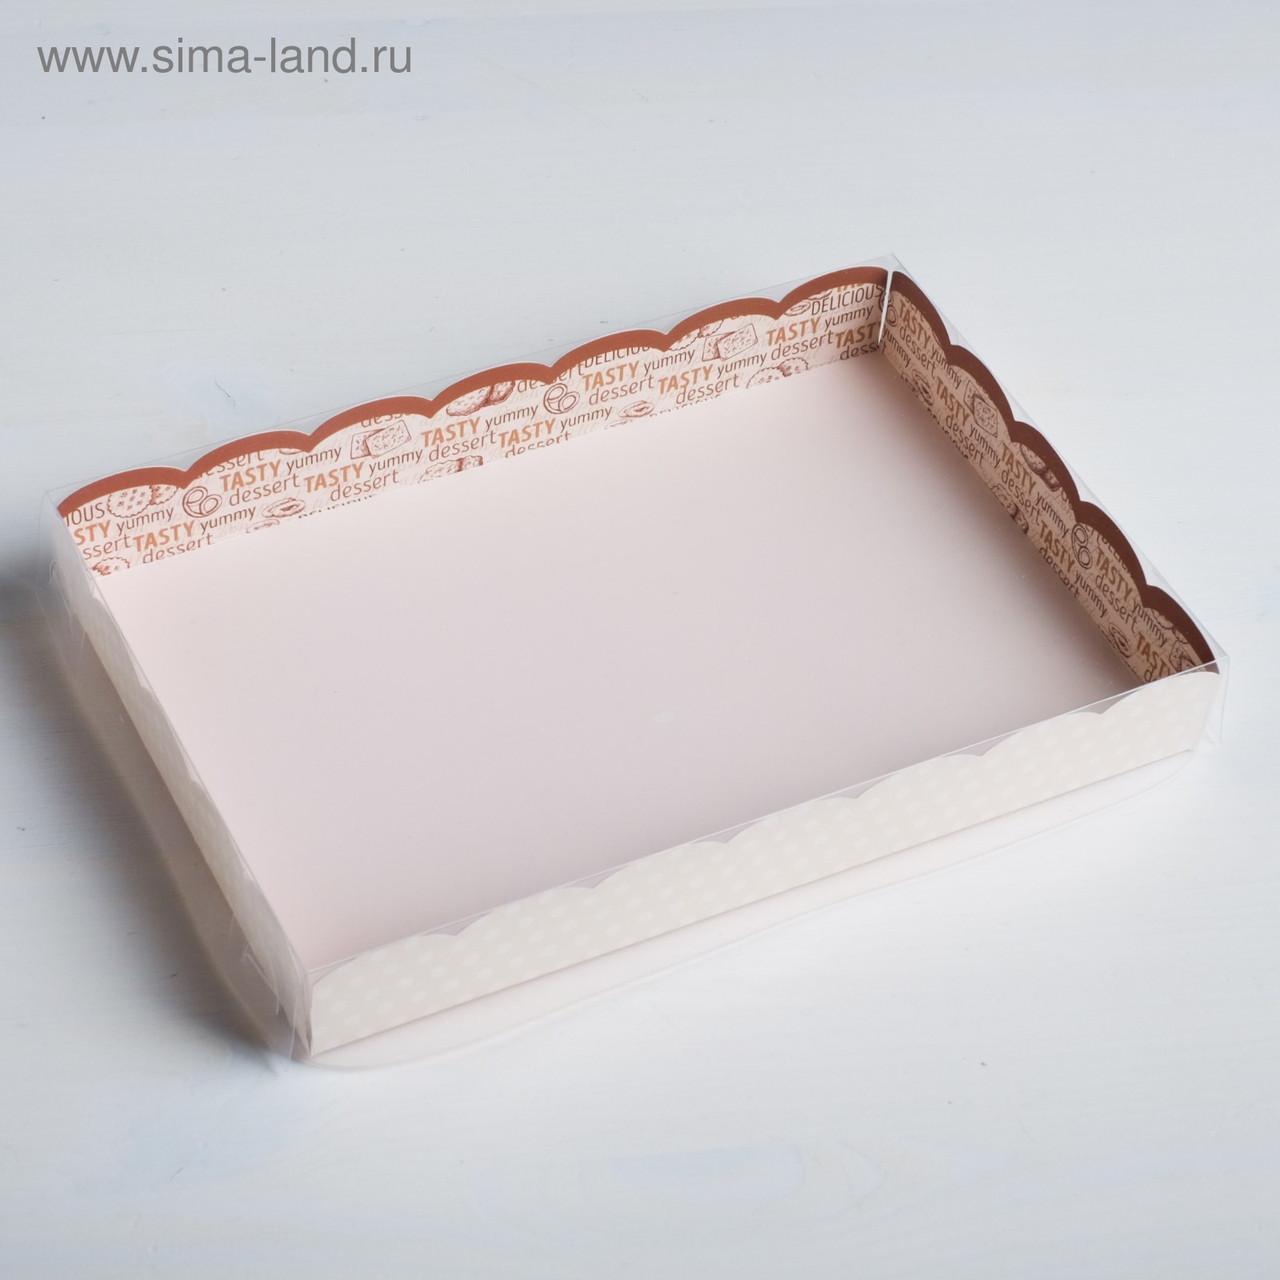 Коробка для кондитерских изделий с PVC-крышкой Tasty, 22 × 15 × 3 см